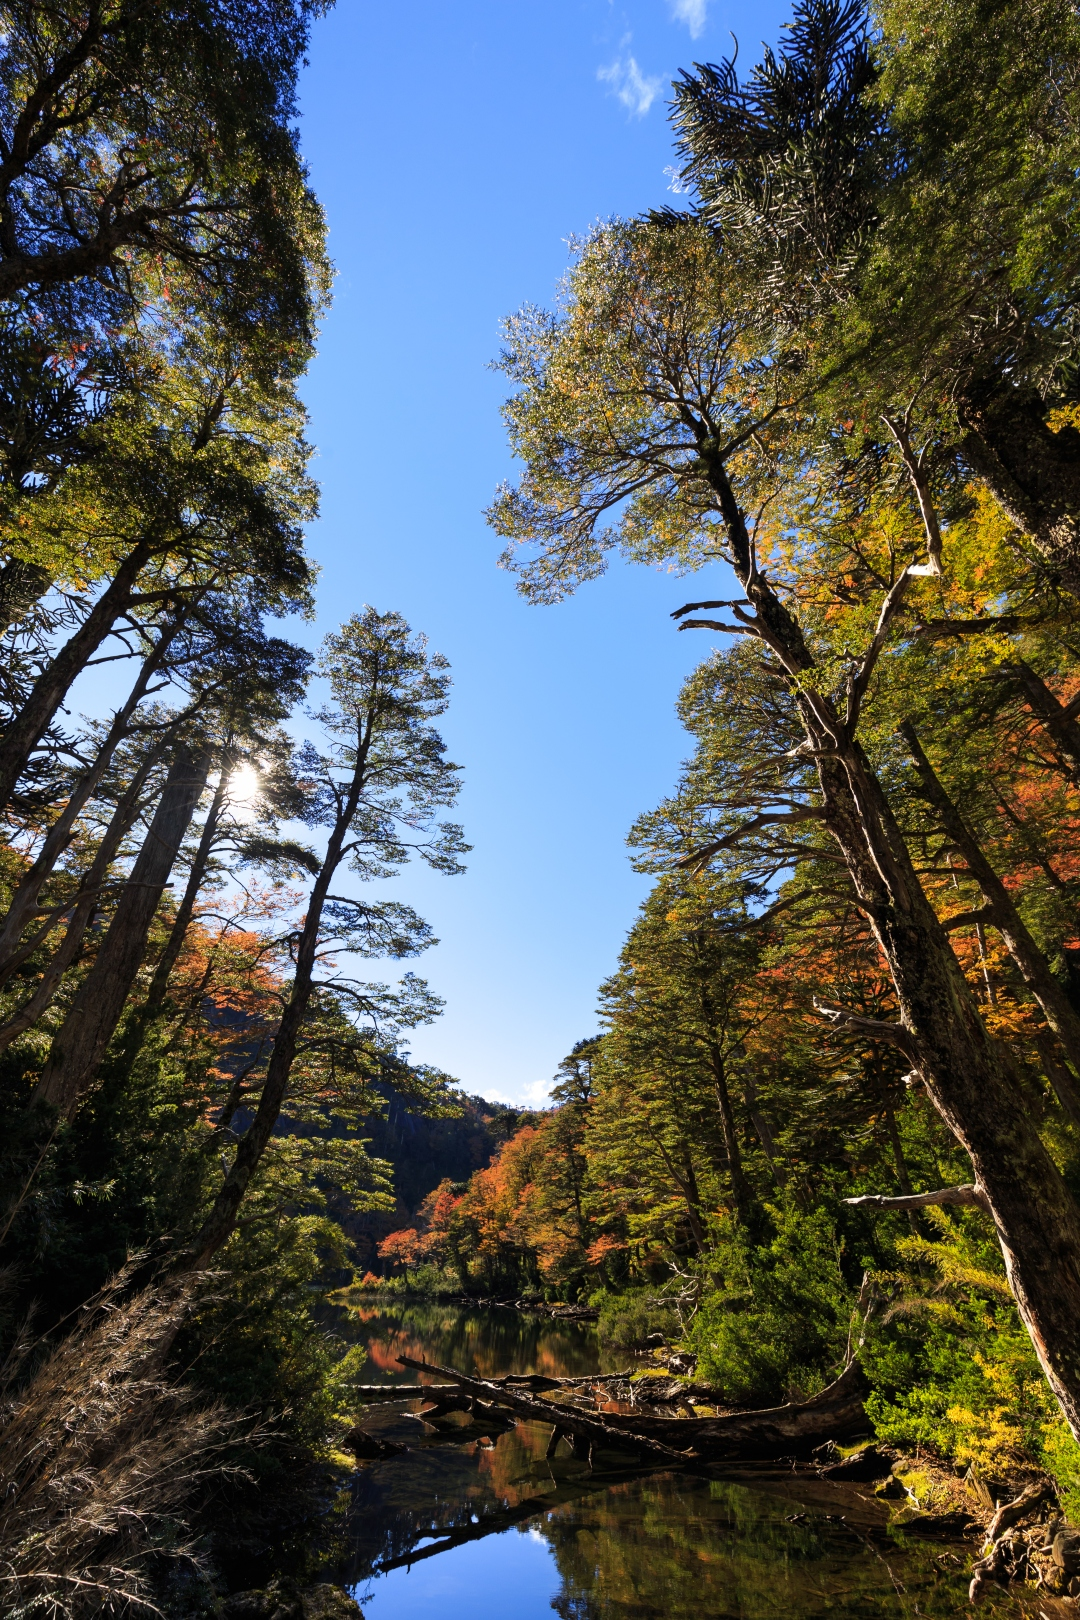 Bosques de Chile- imagen de los imponentes árboles del Parque Nacional Huerquehue